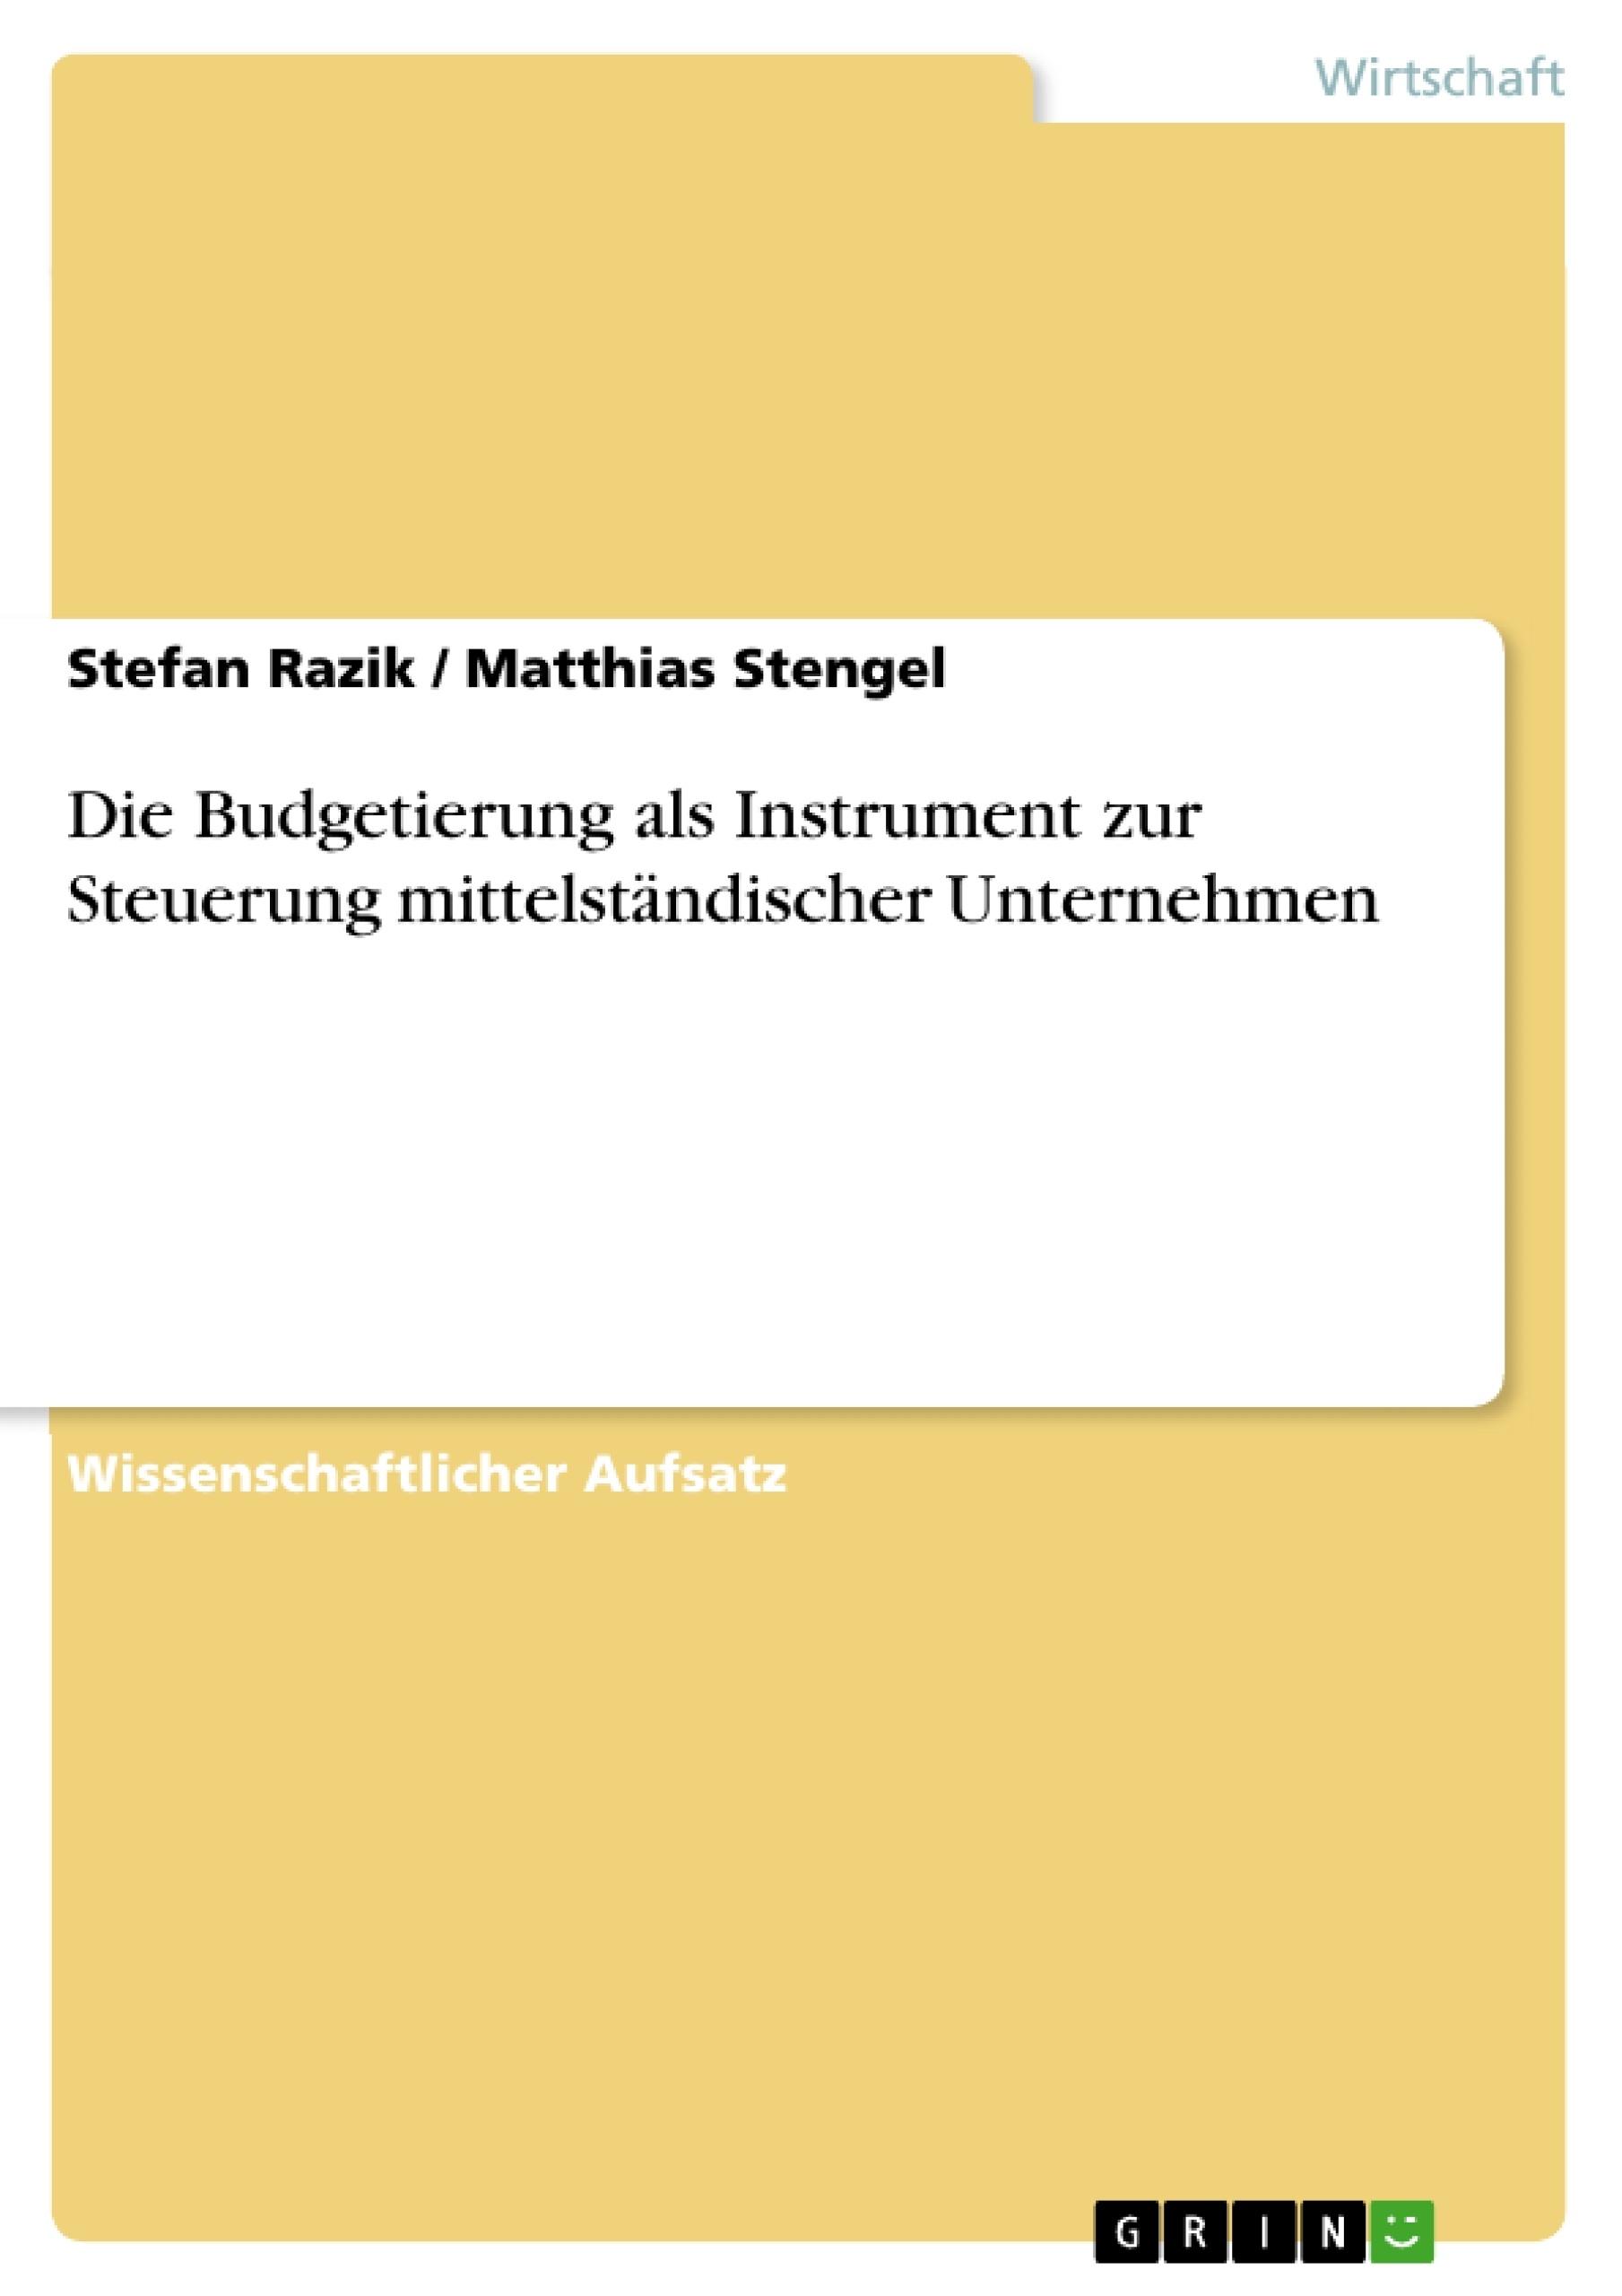 Titel: Die Budgetierung als Instrument zur Steuerung mittelständischer Unternehmen